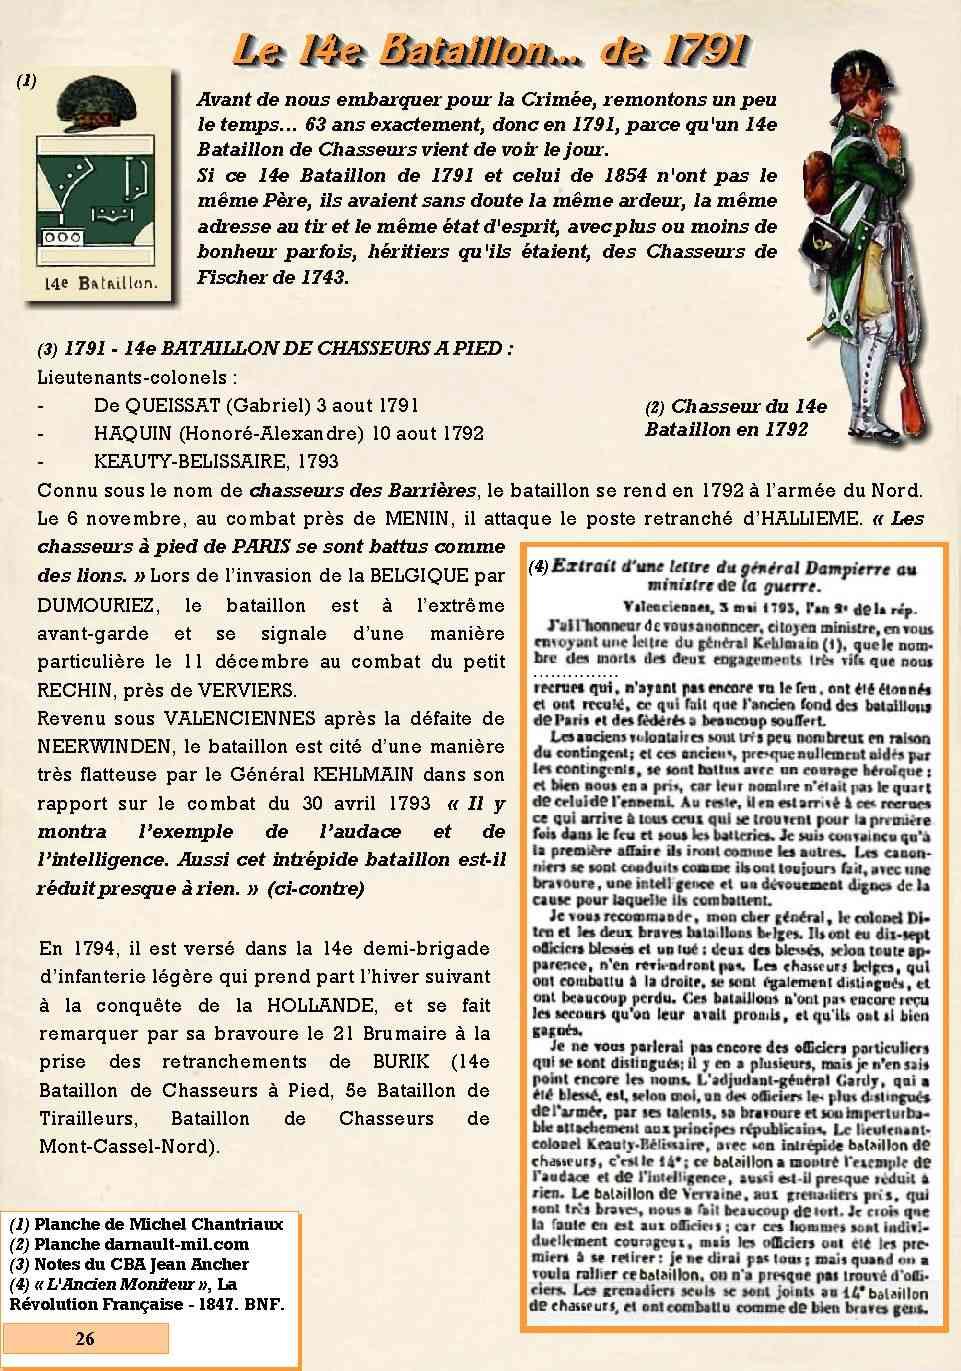 L'Historique du 14e Bataillon de Chasseurs. 1854 - 1962 Page_216